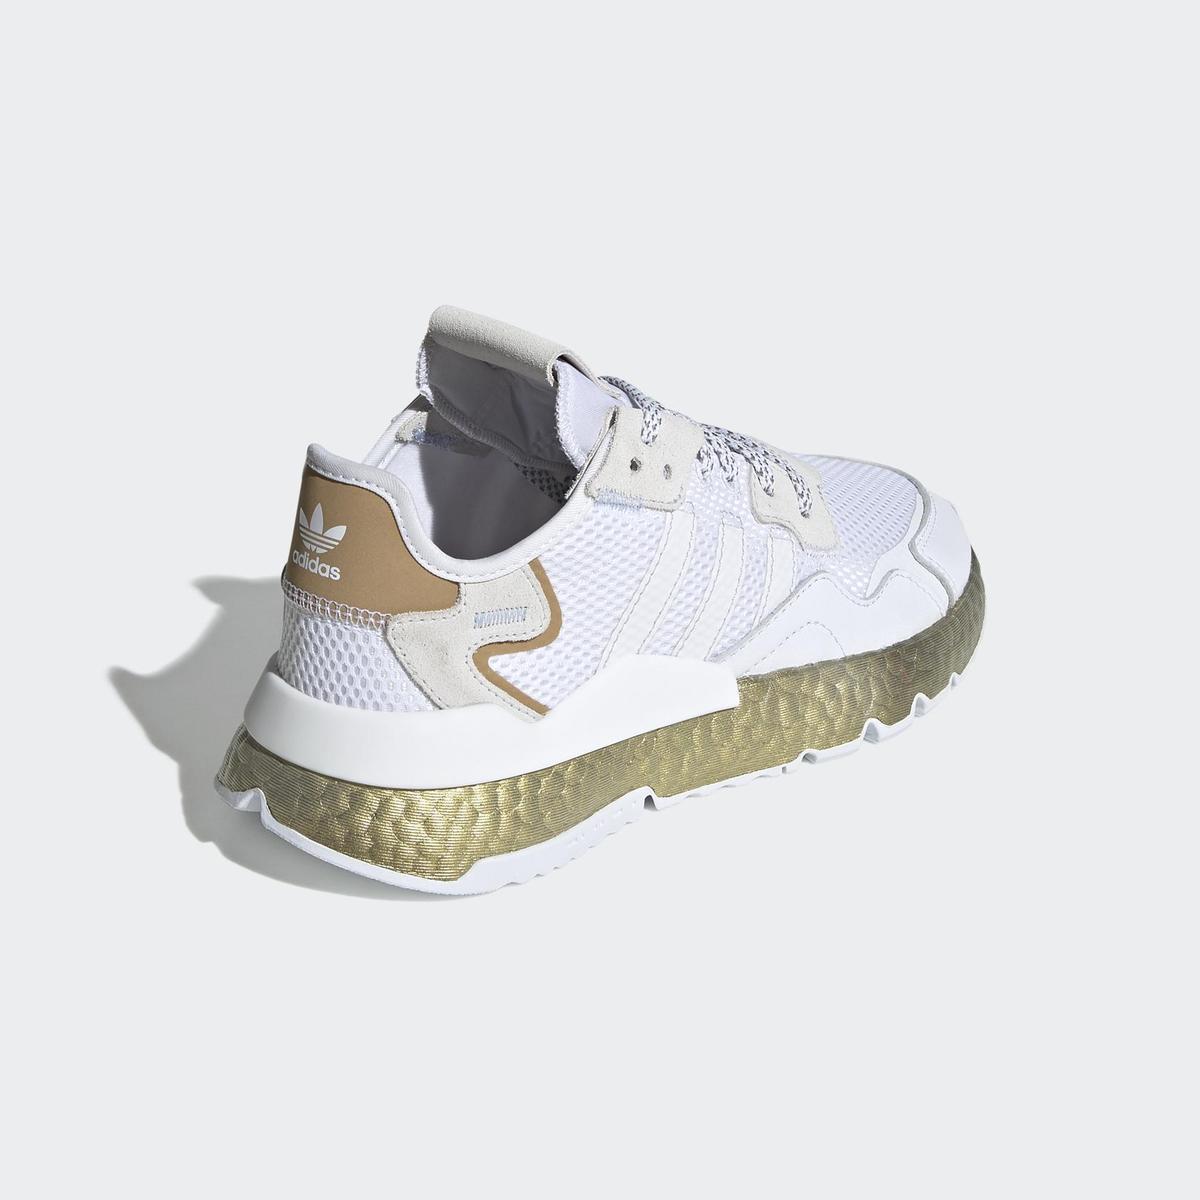 adidas Originals Nite Jogger女生鞋款。NT$5,290(adidas Originals提供)